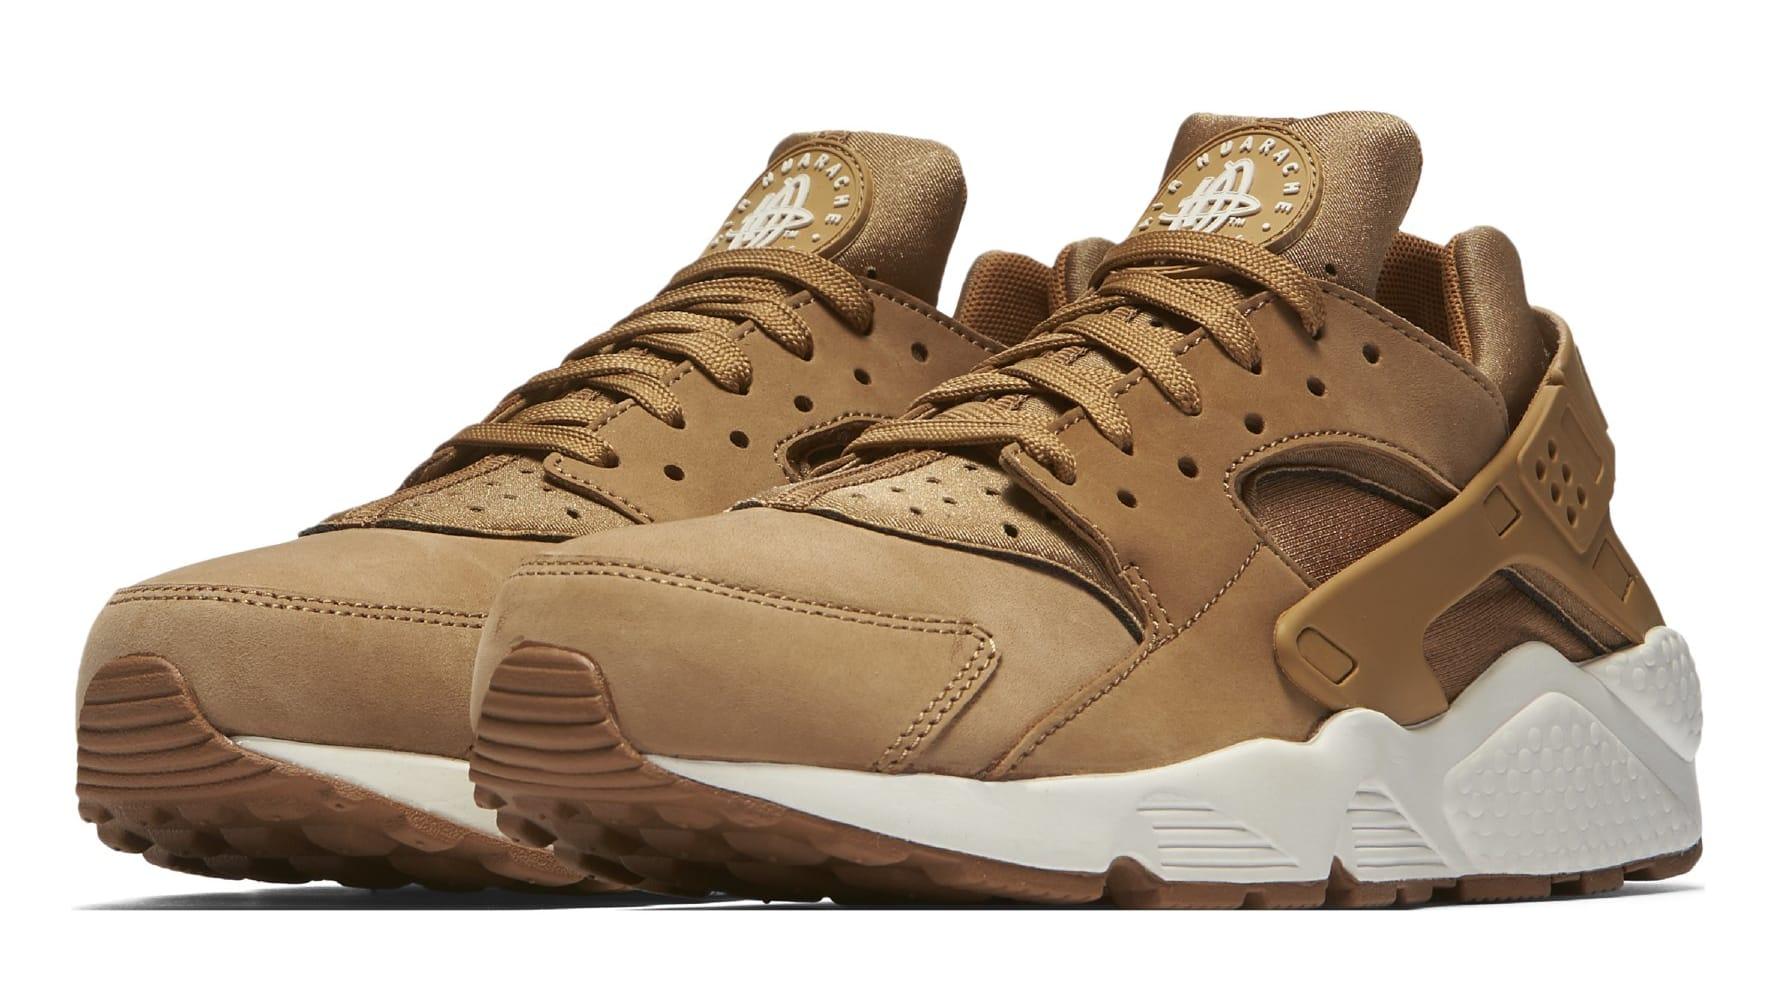 Nike Air Hurache Flax